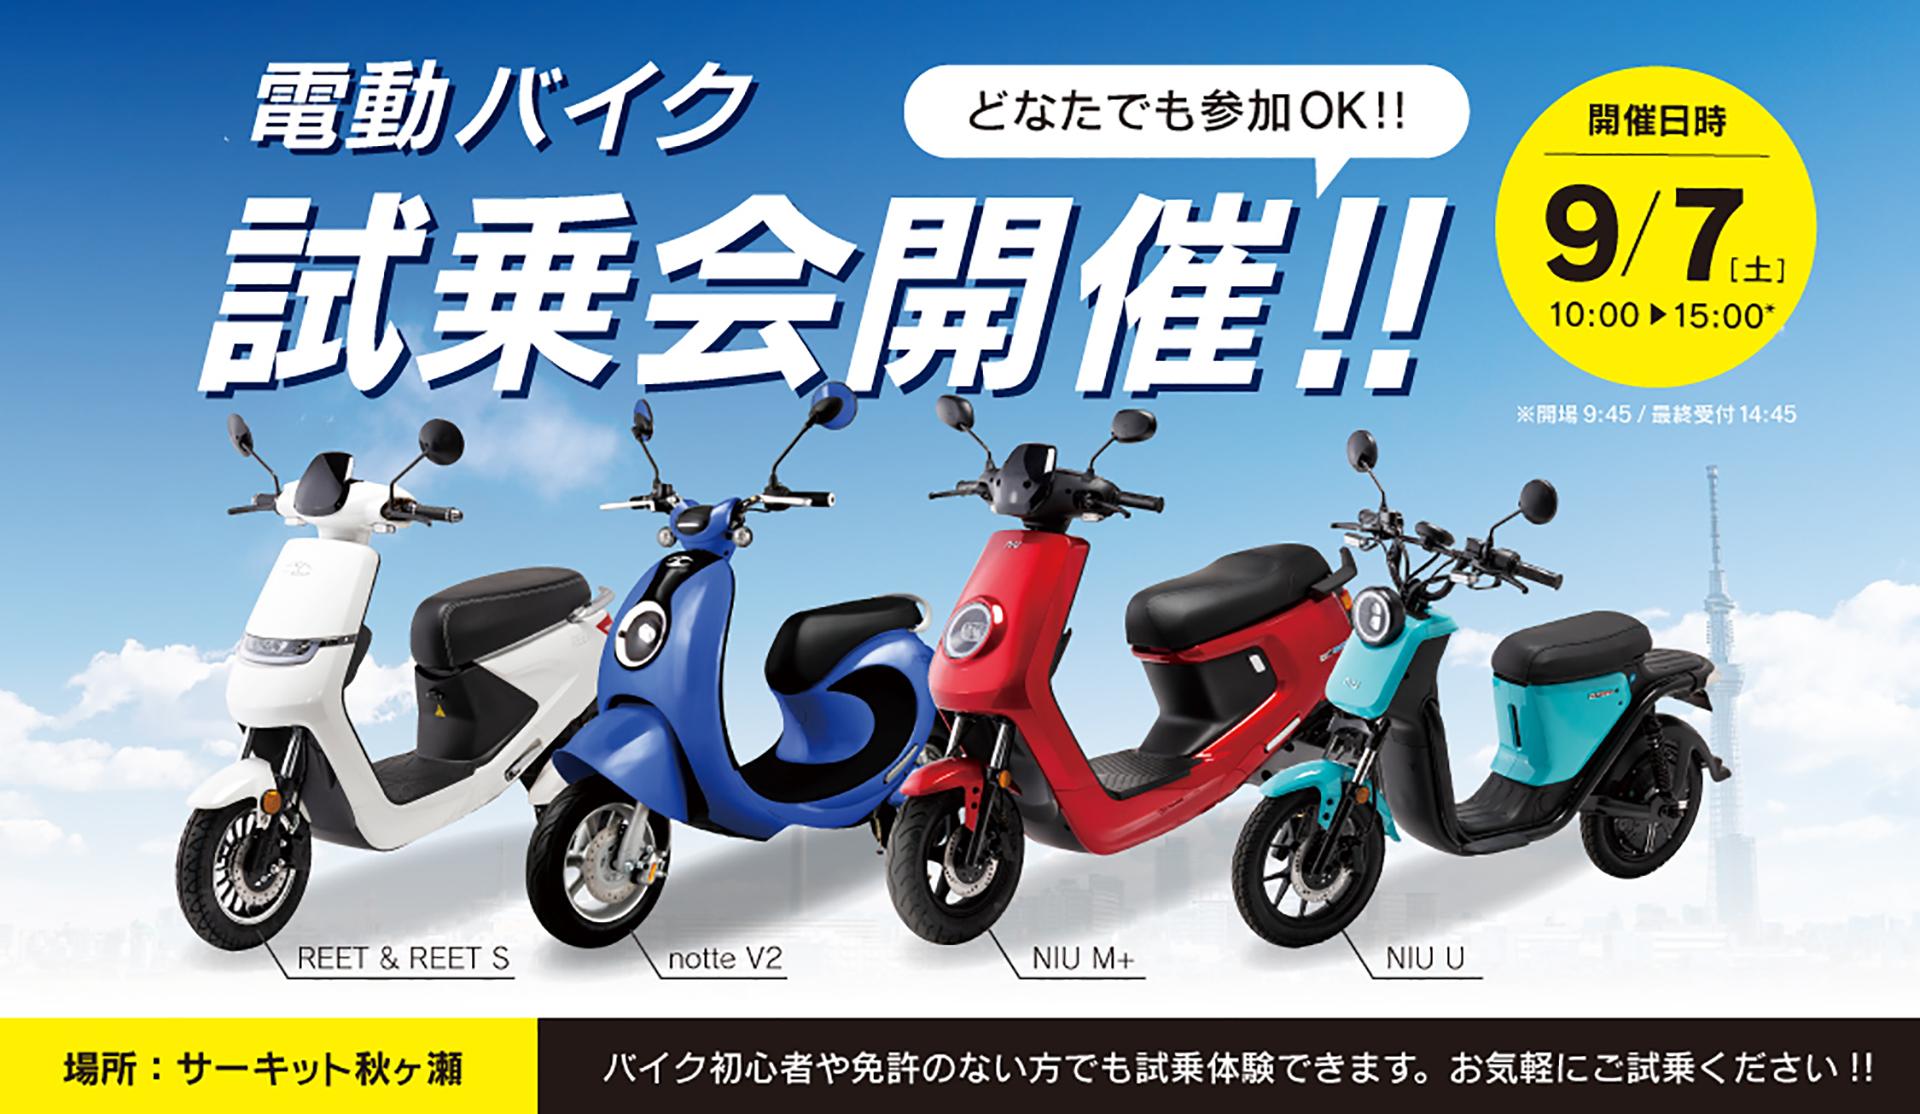 電動バイクXEAM(ジーム)試乗会